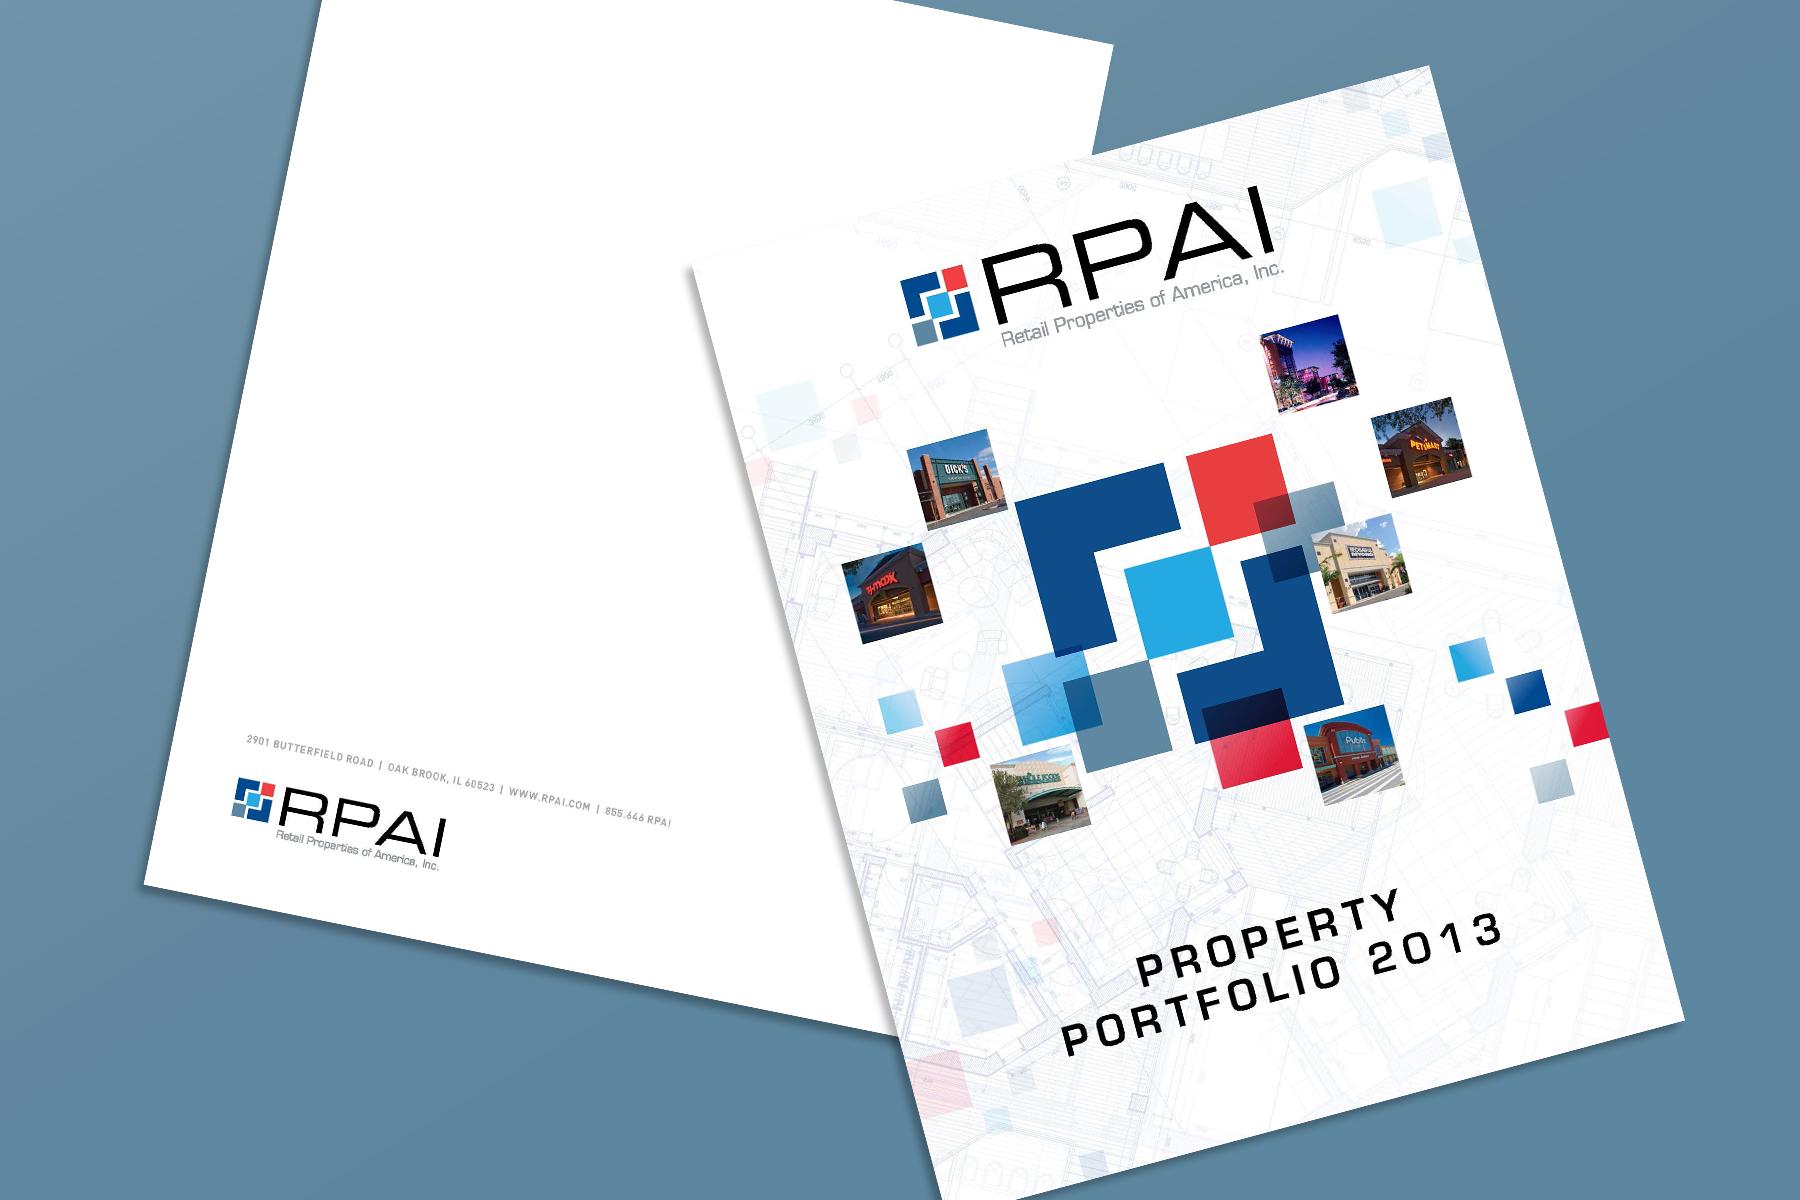 RPAI_RetailPortfolio_2013-hmv3_web01.jpg